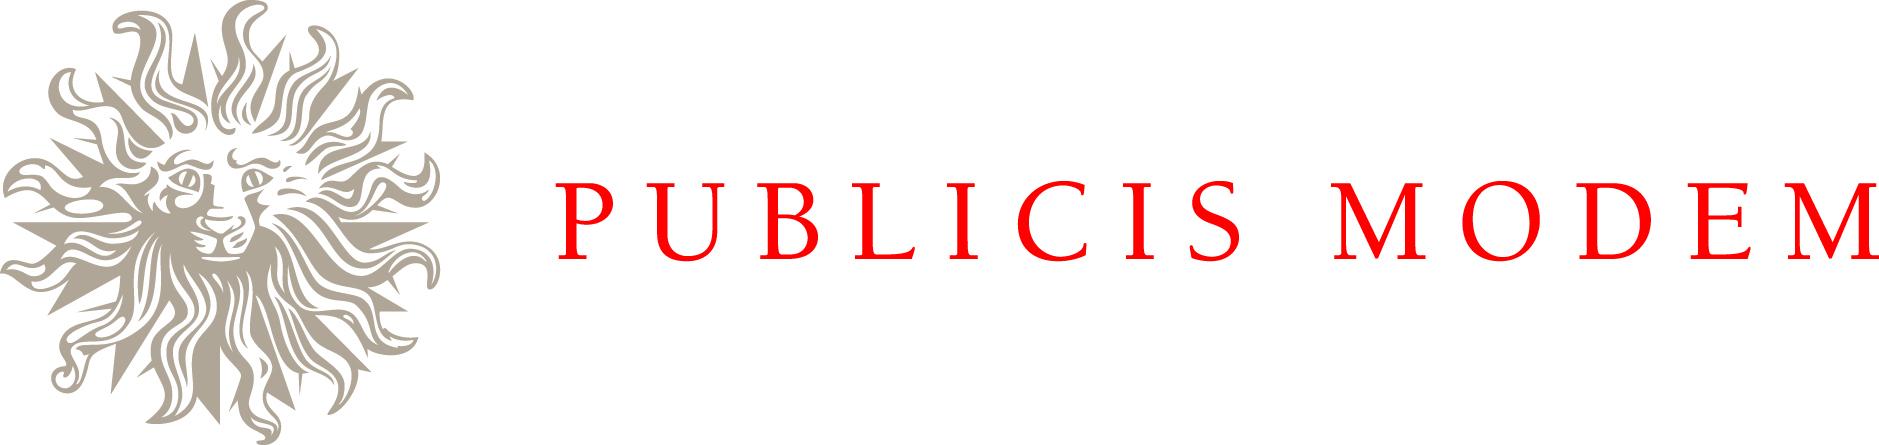 Publicis Modem